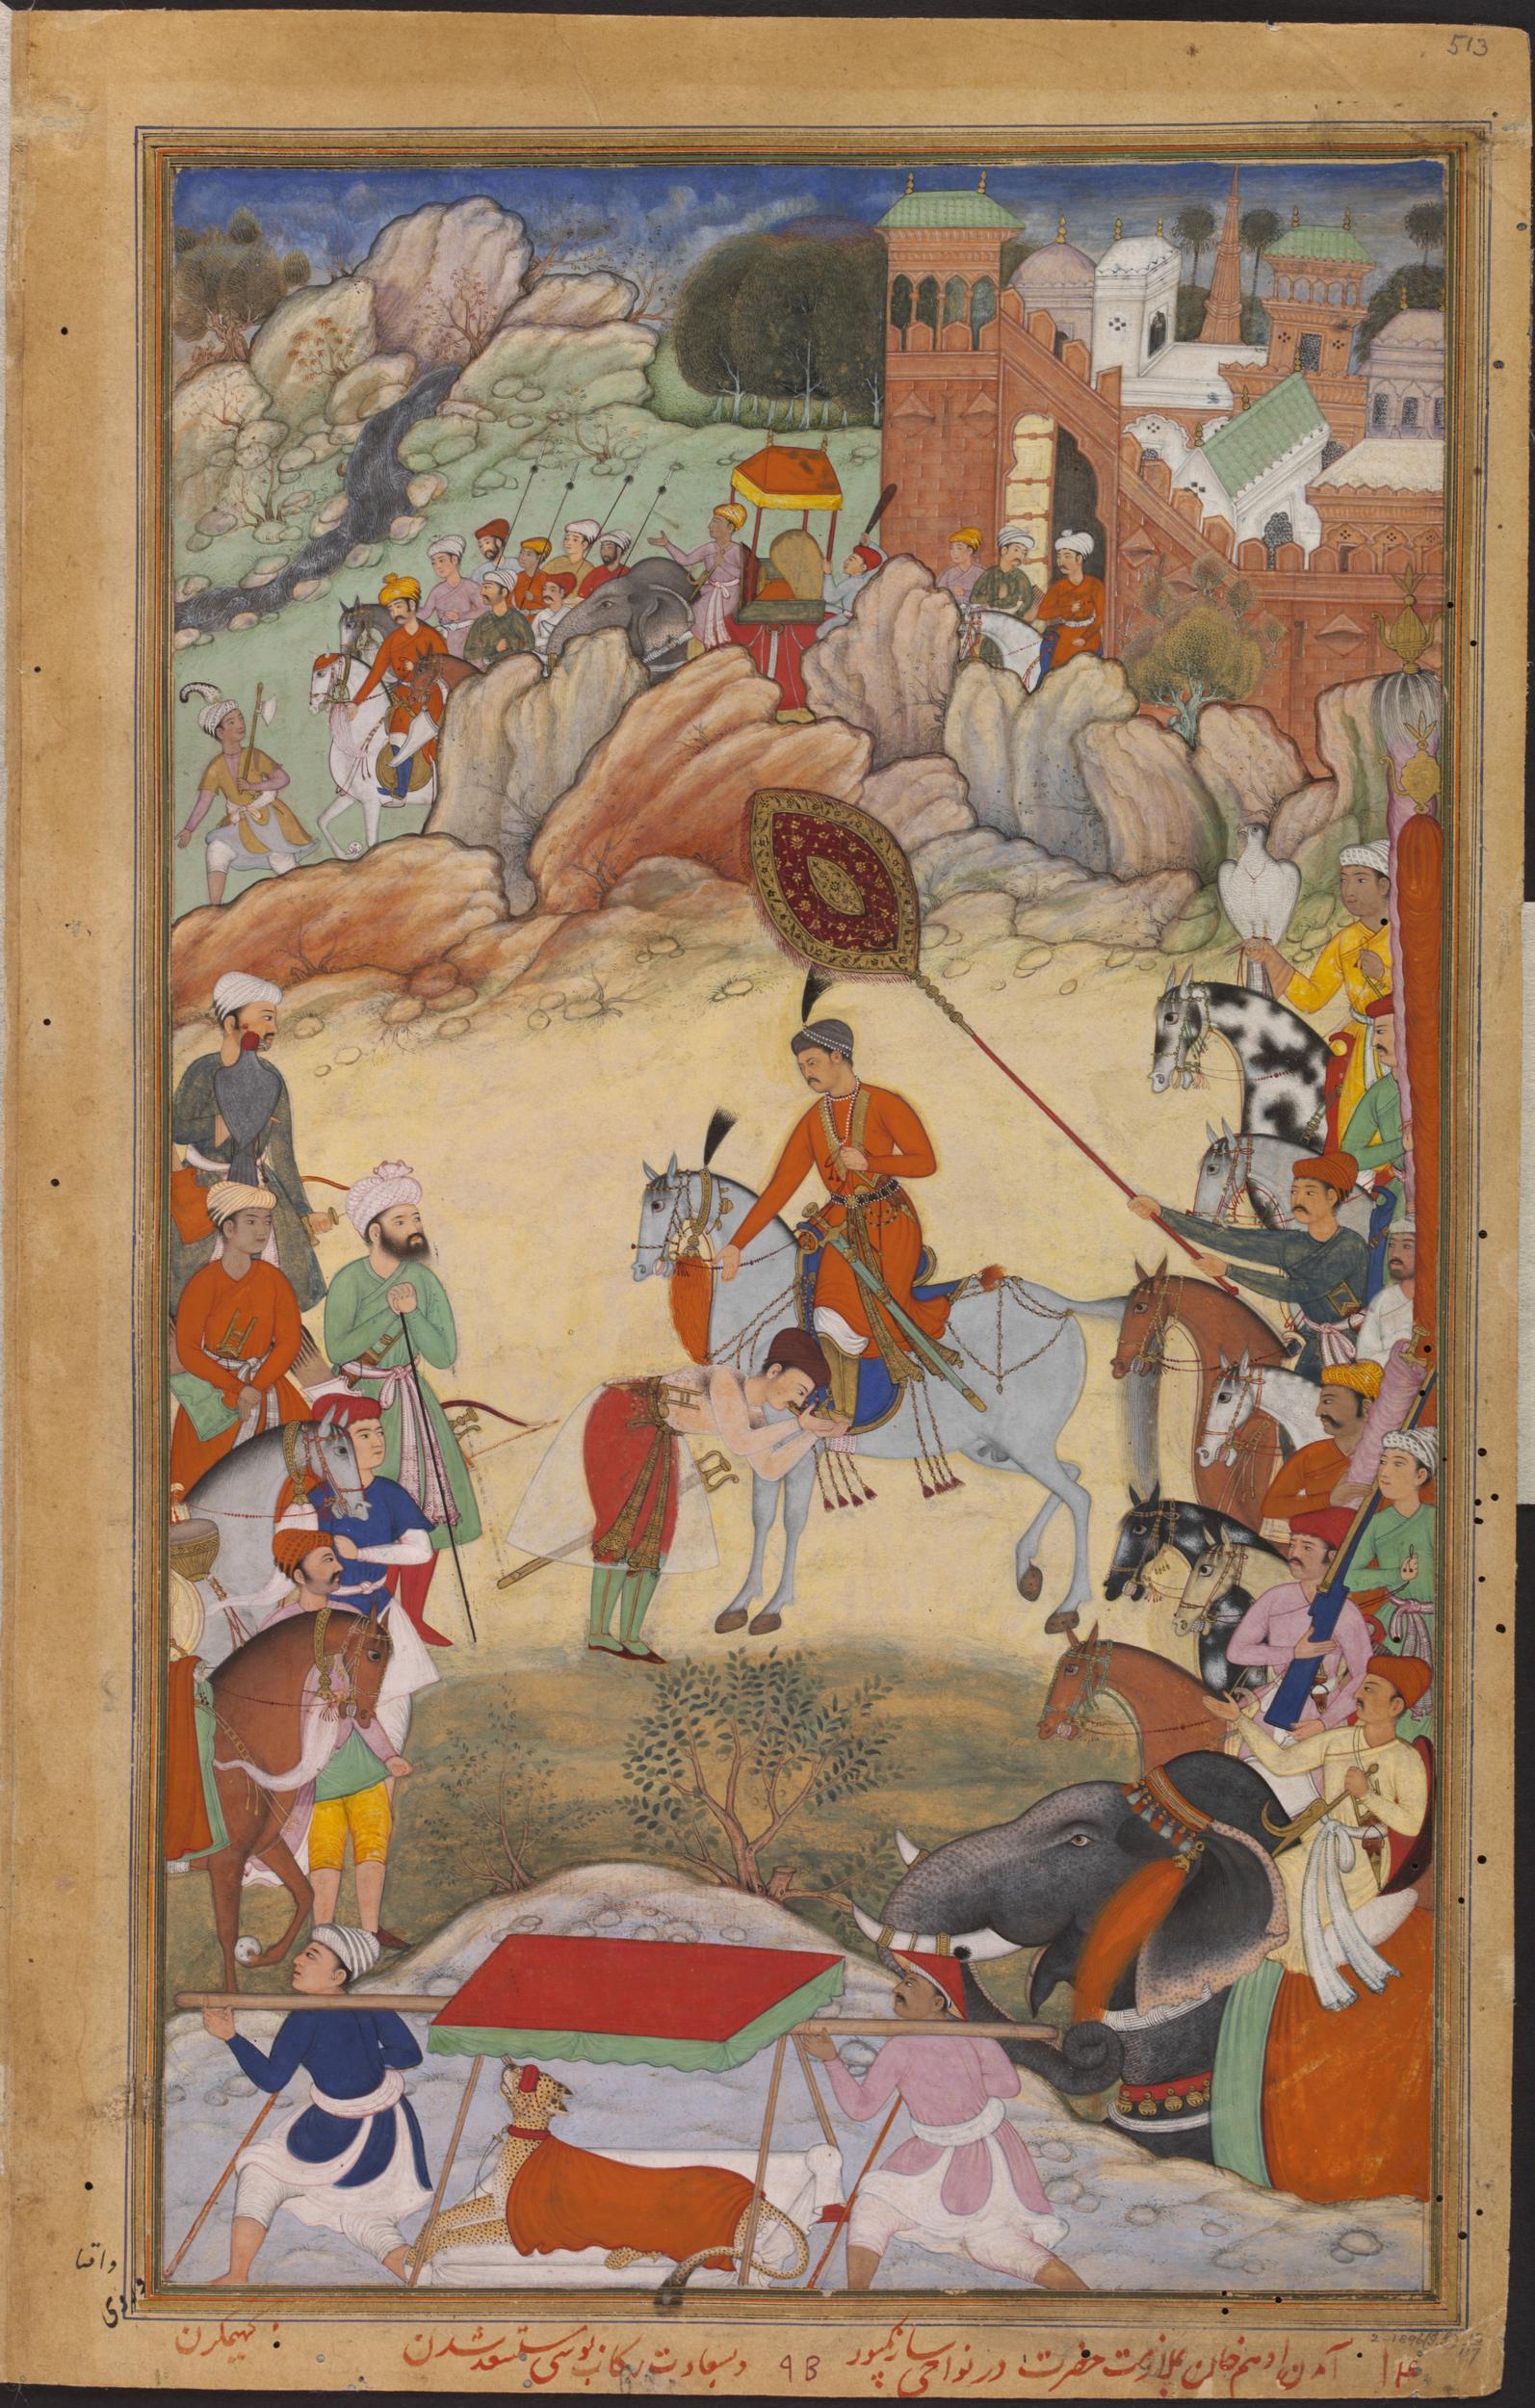 File:Adham Khan pays Homage to Akbar at Sarangpur, Akbarnama.jpg